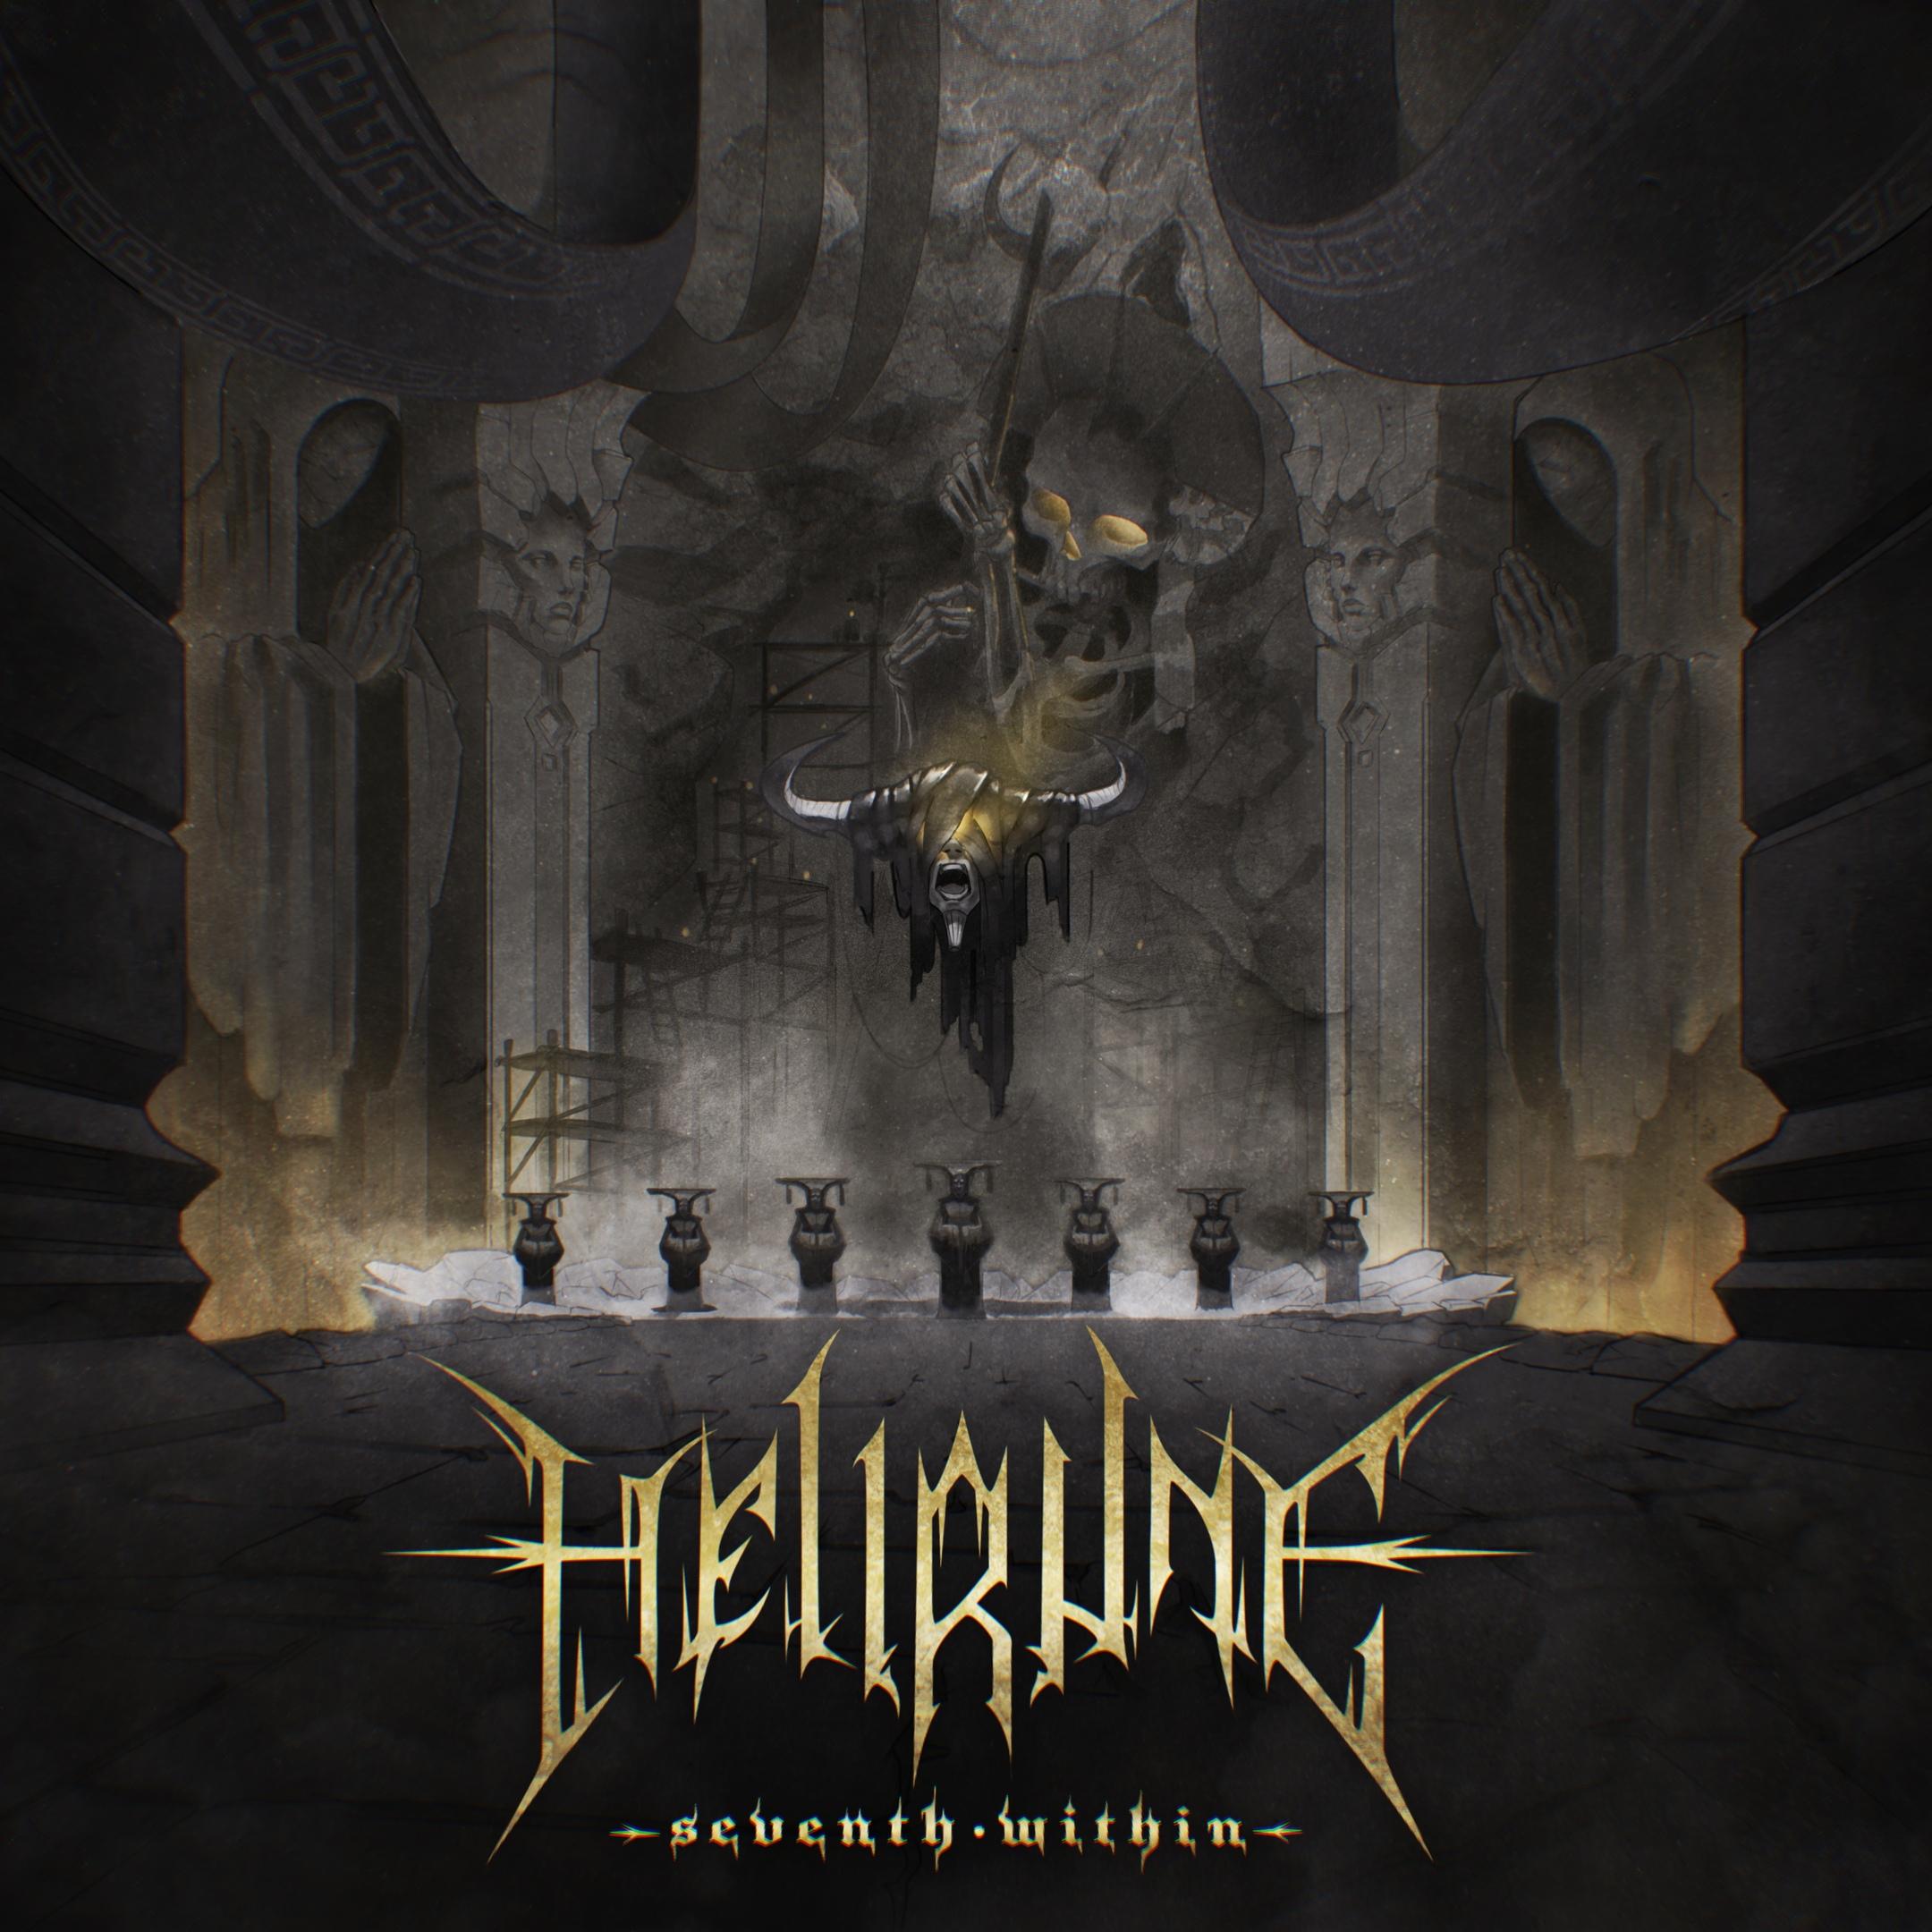 Hellrune